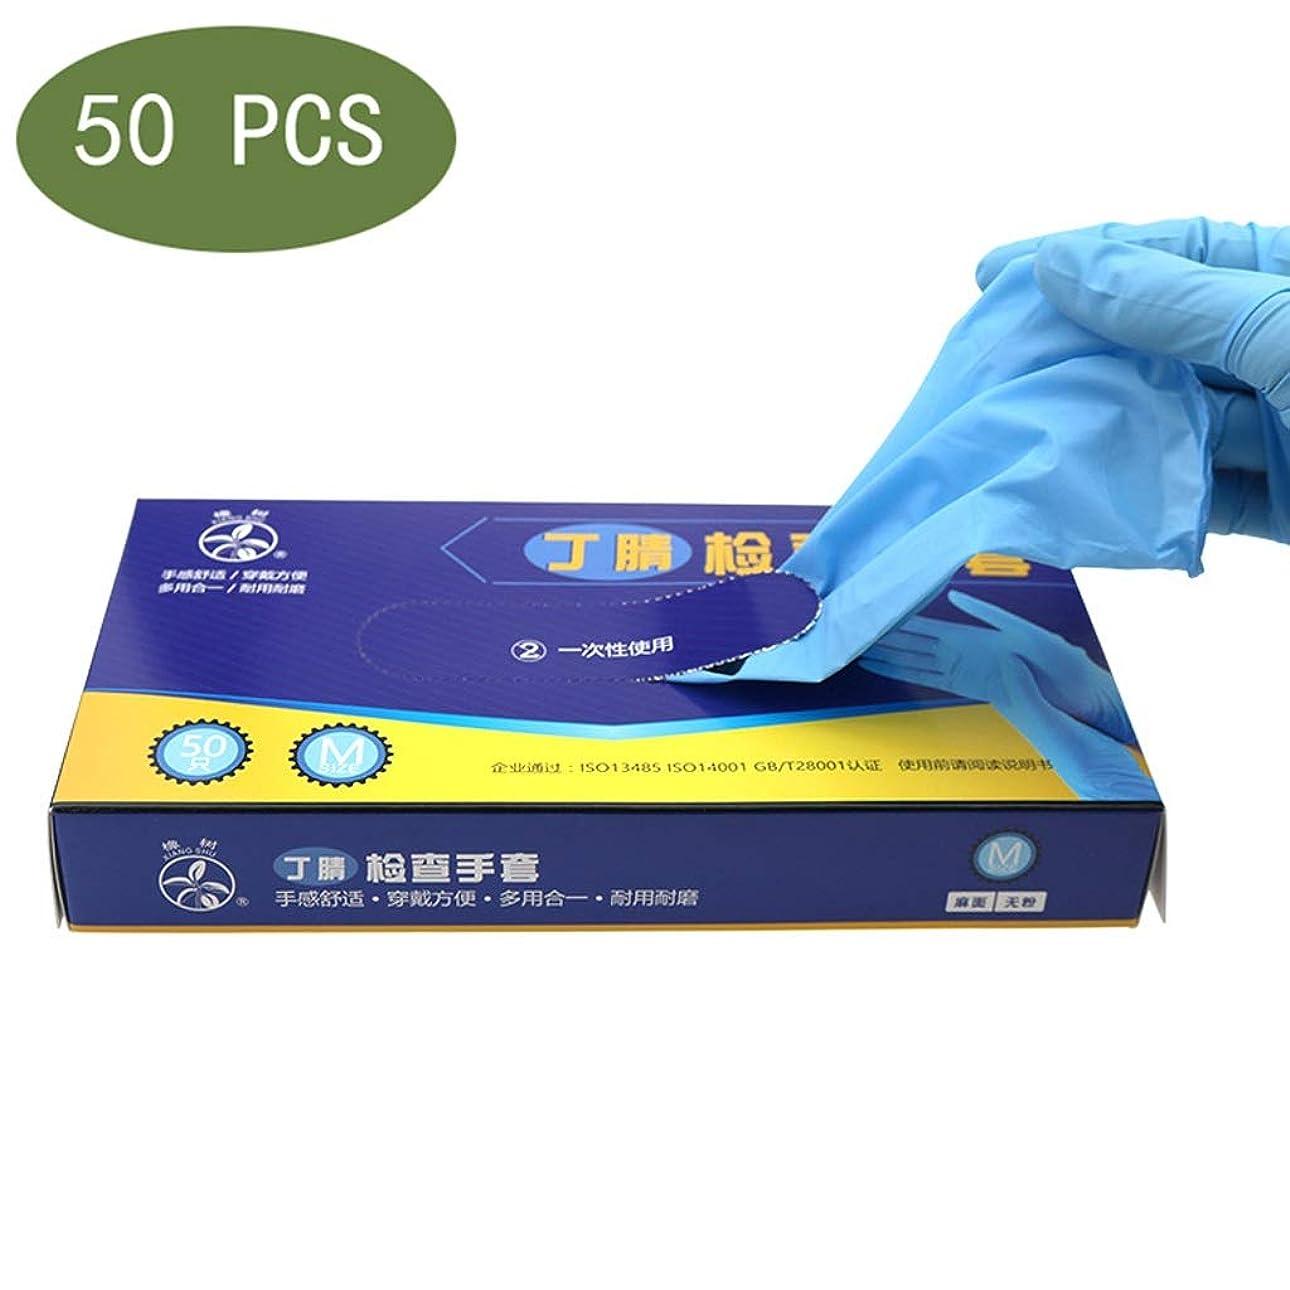 結核すき非常に保護用使い捨てニトリル医療用手袋、4ミル、ラテックスフリー、試験グレードの手袋、テクスチャード加工、両性、非滅菌、50個入り (Size : S)